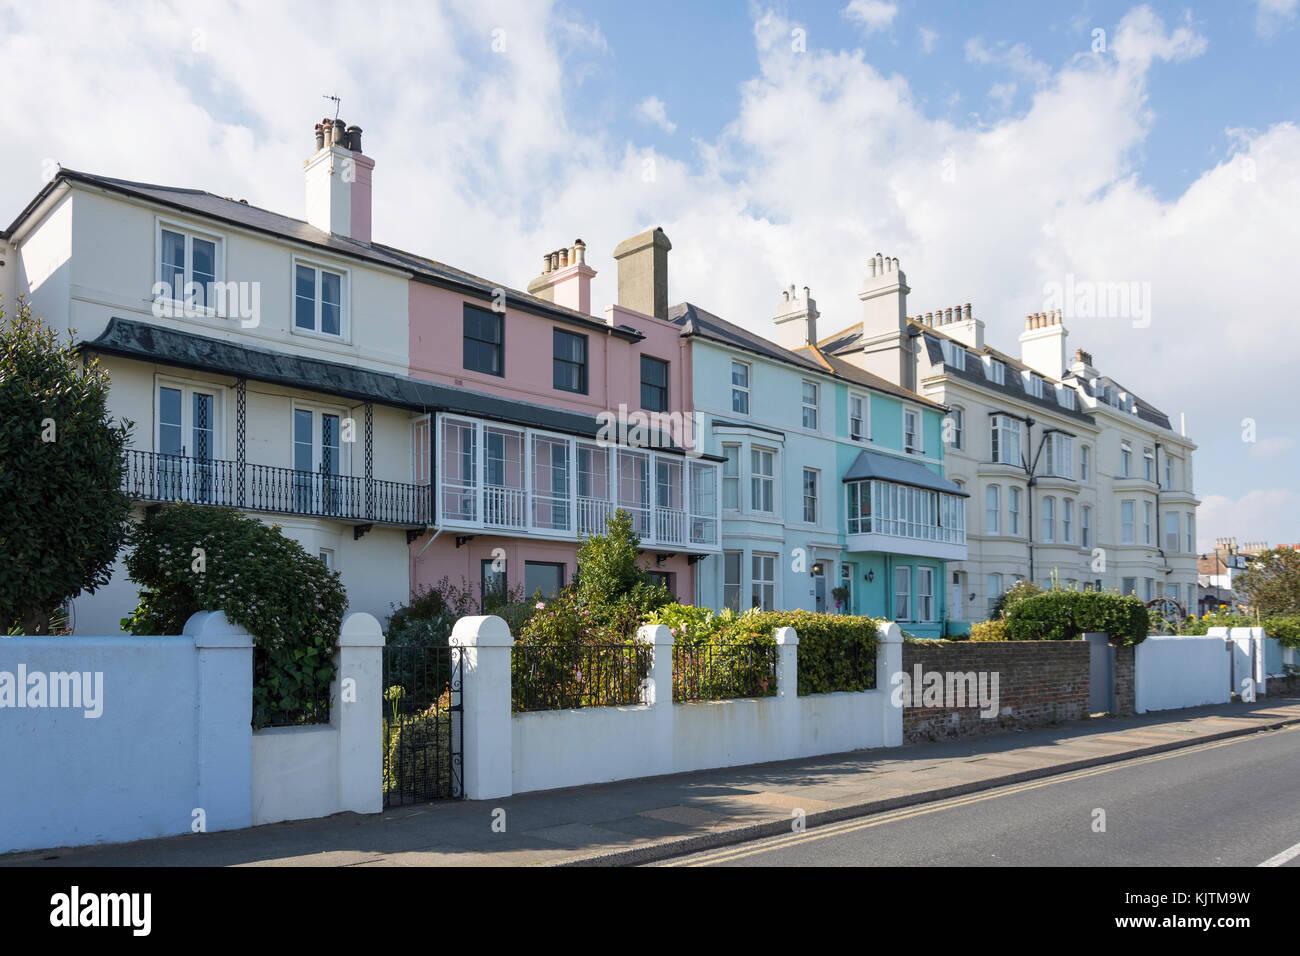 Periodo case, la spiaggia, Ash, England, Regno Unito Immagini Stock